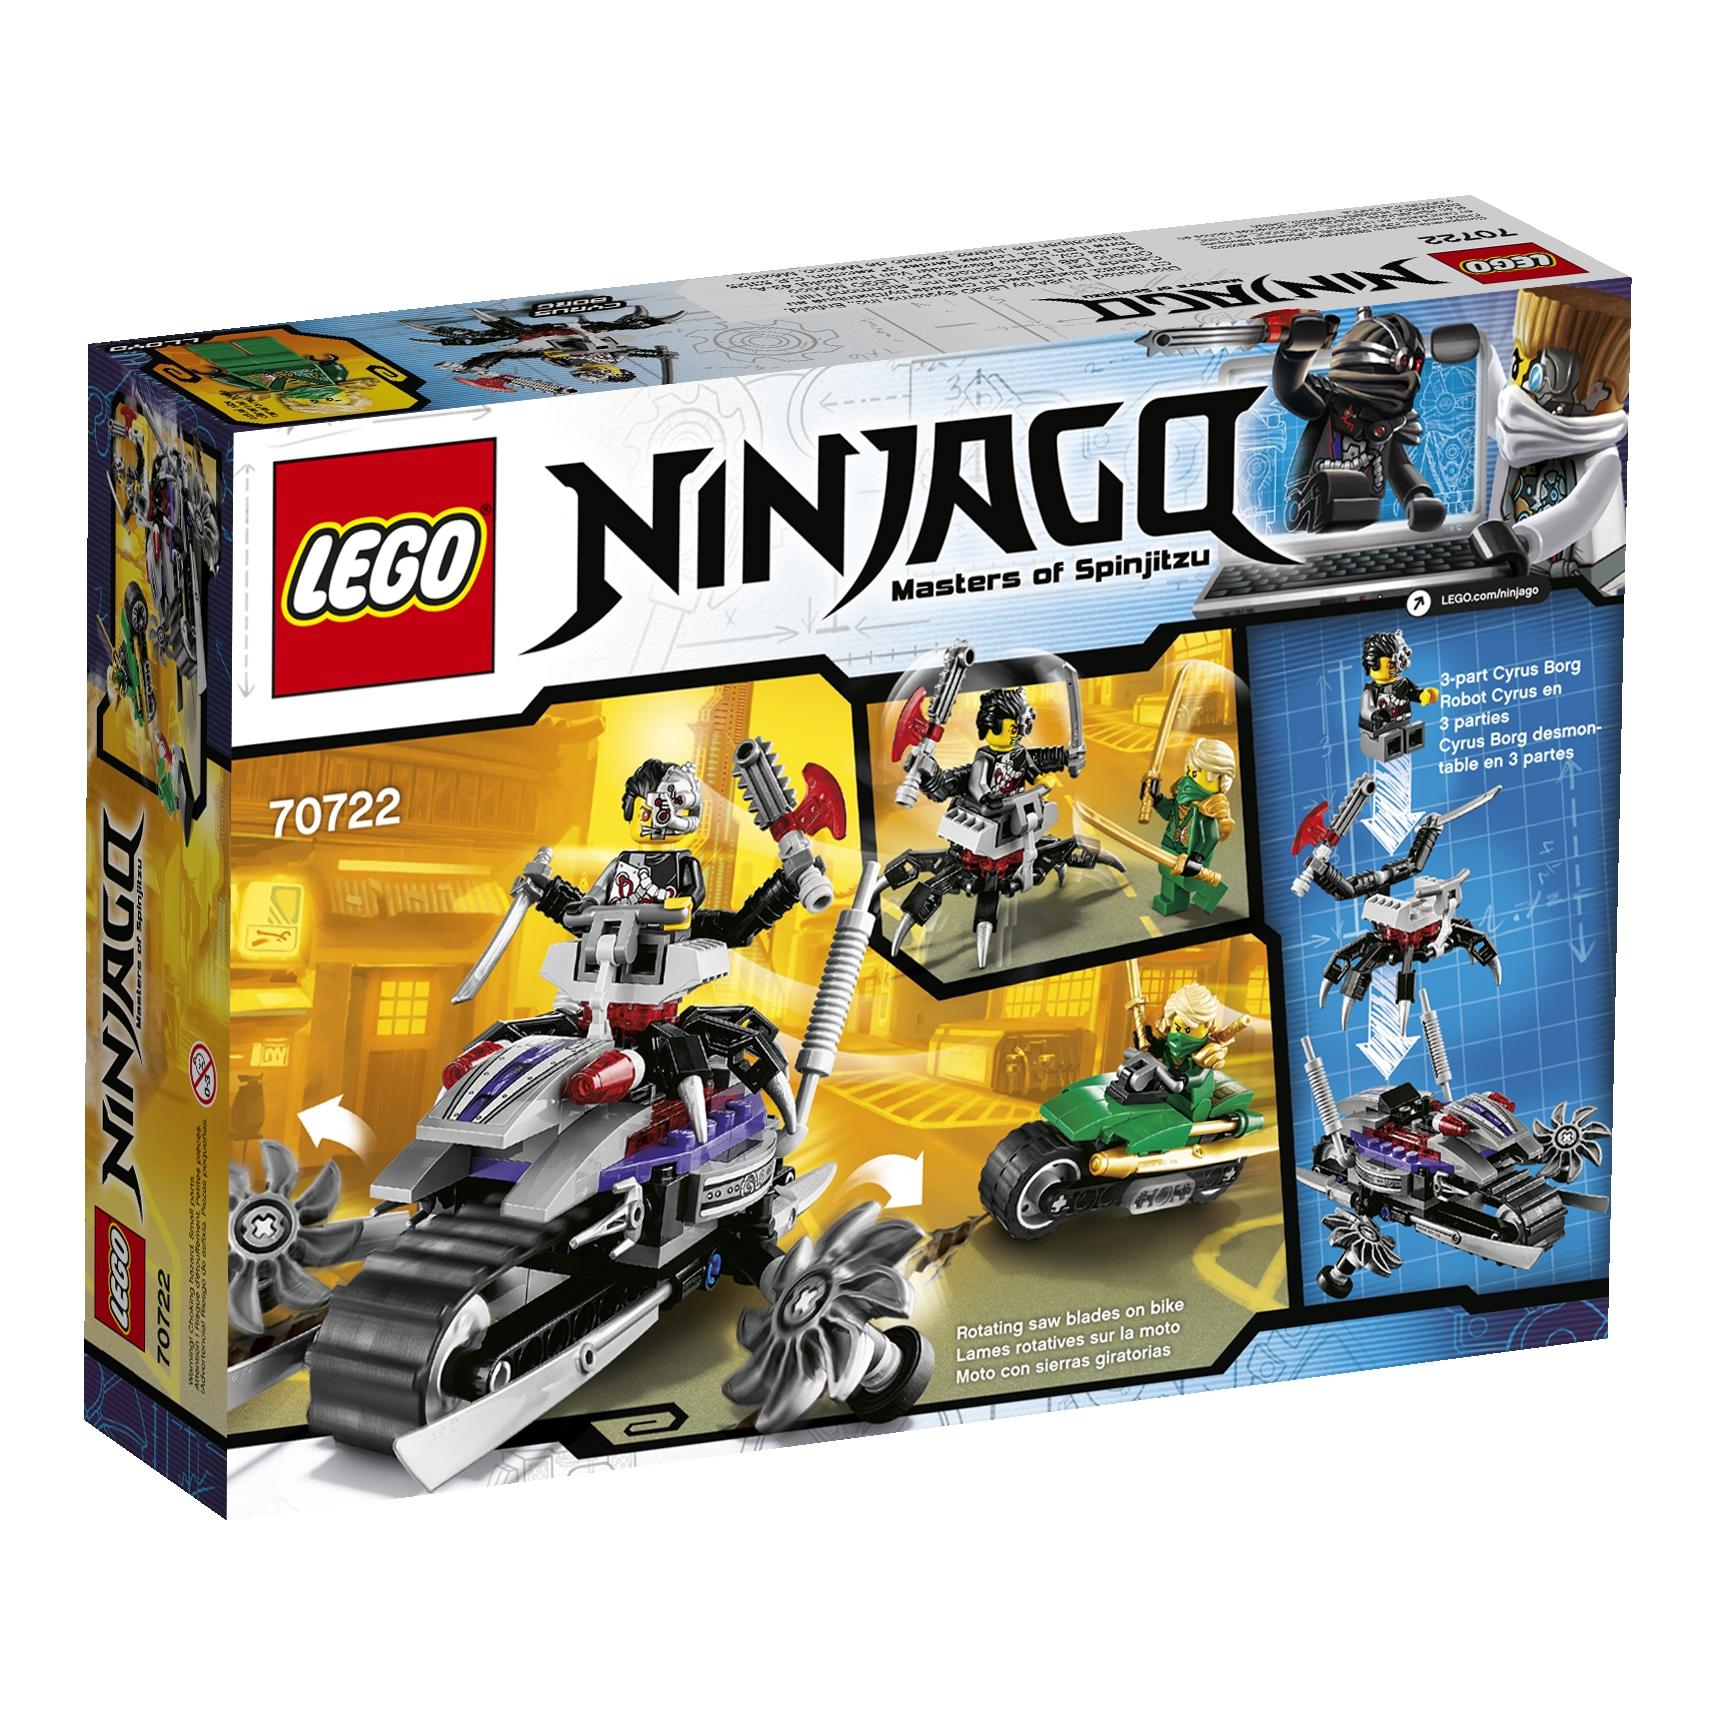 spin prod 890111012jpg - Legocom Ninjago